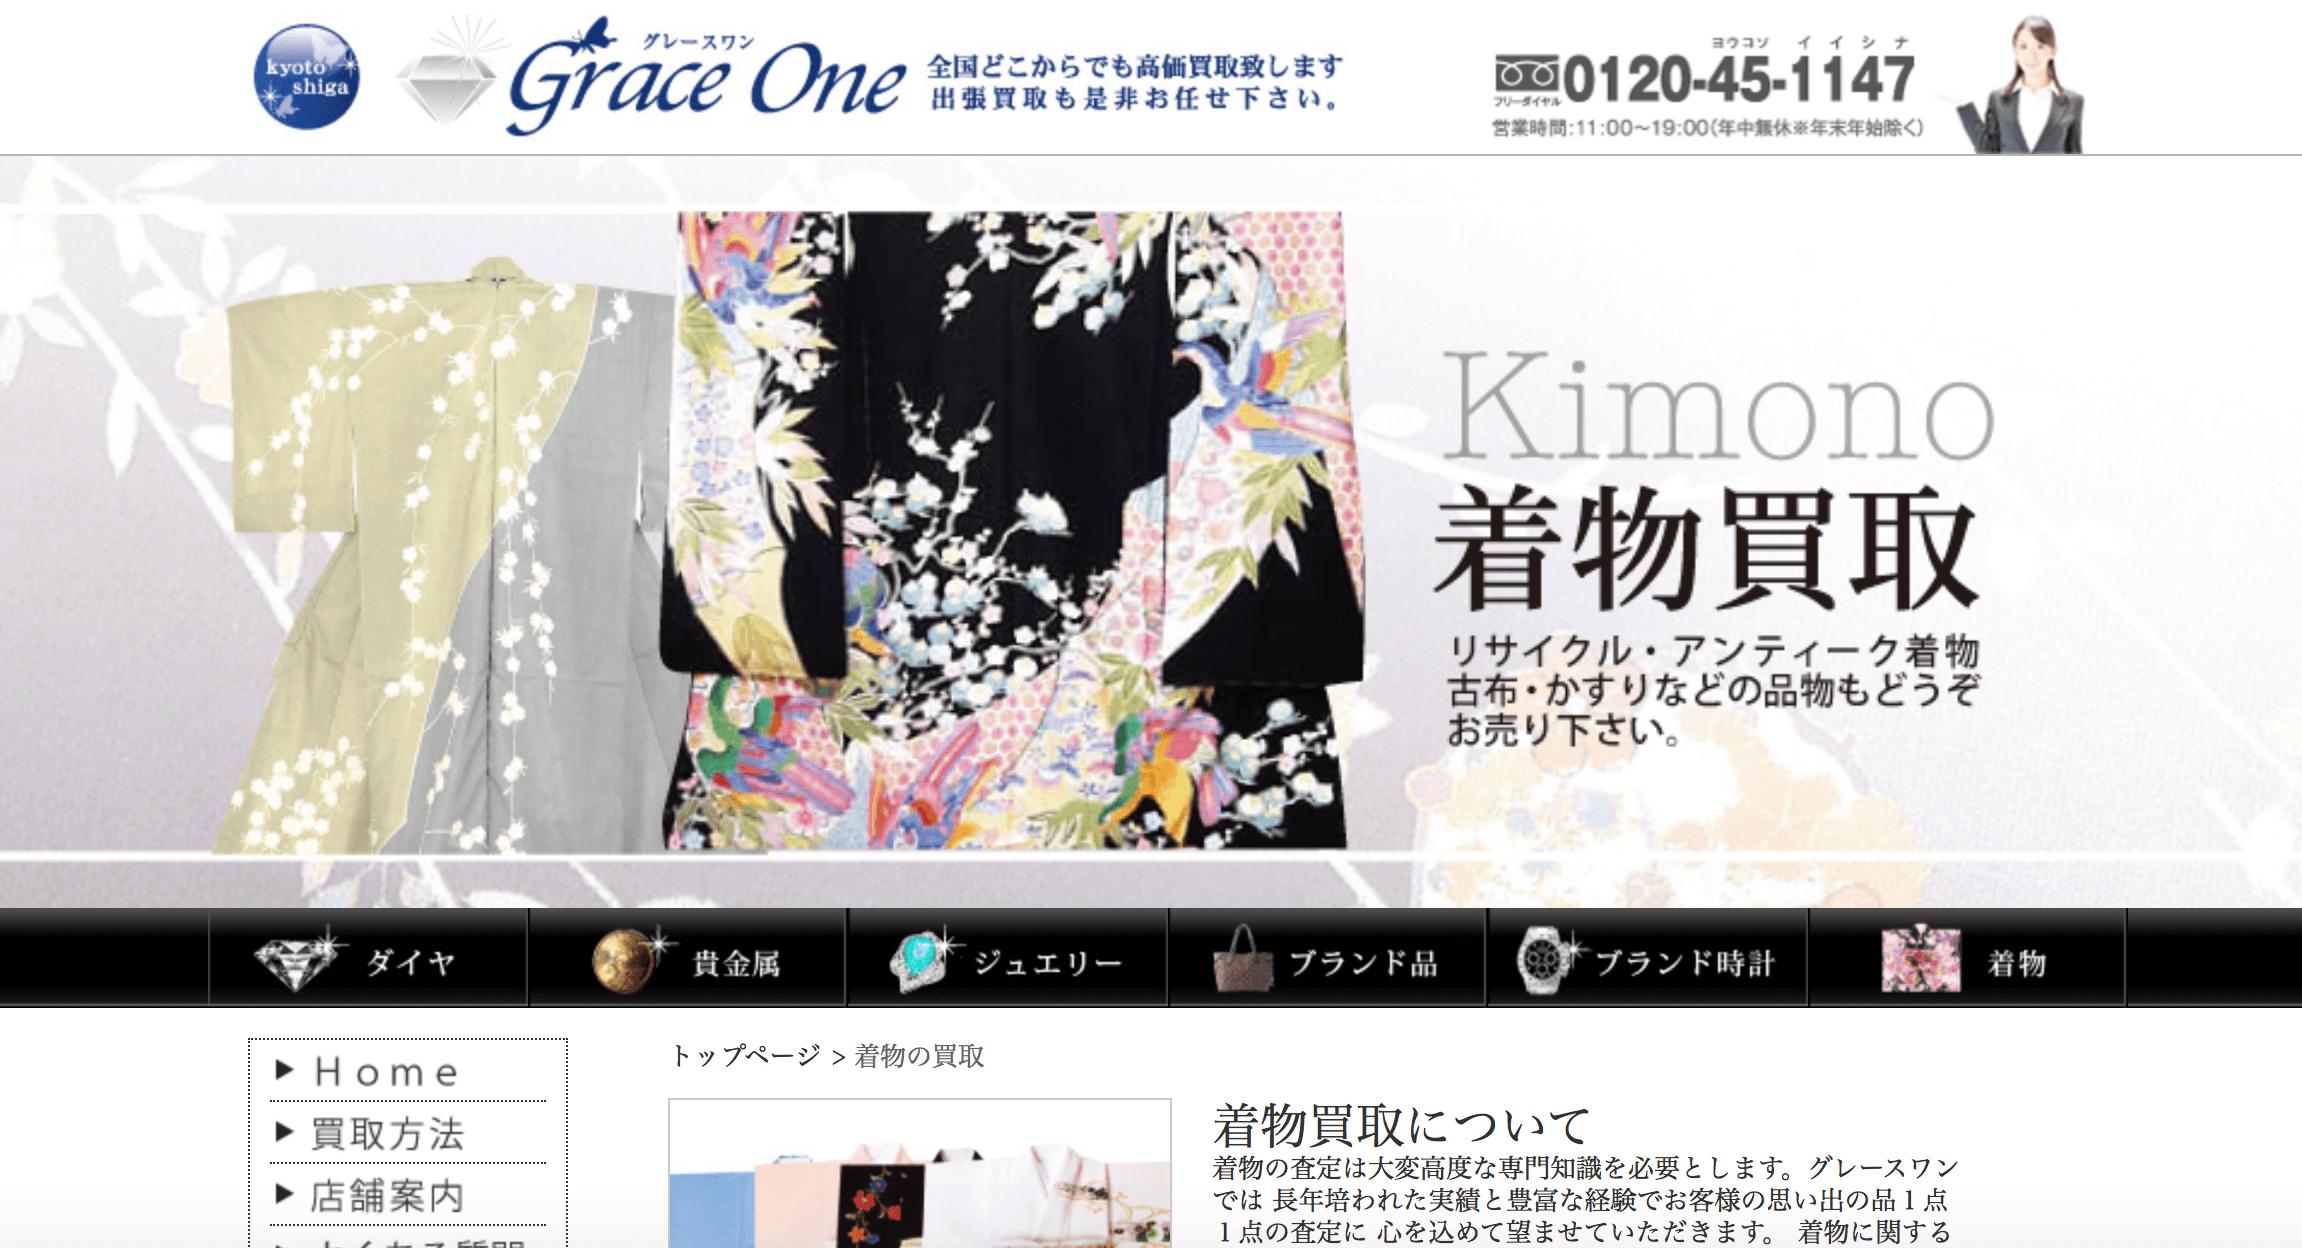 グレースワン滋賀県着物買取の画像